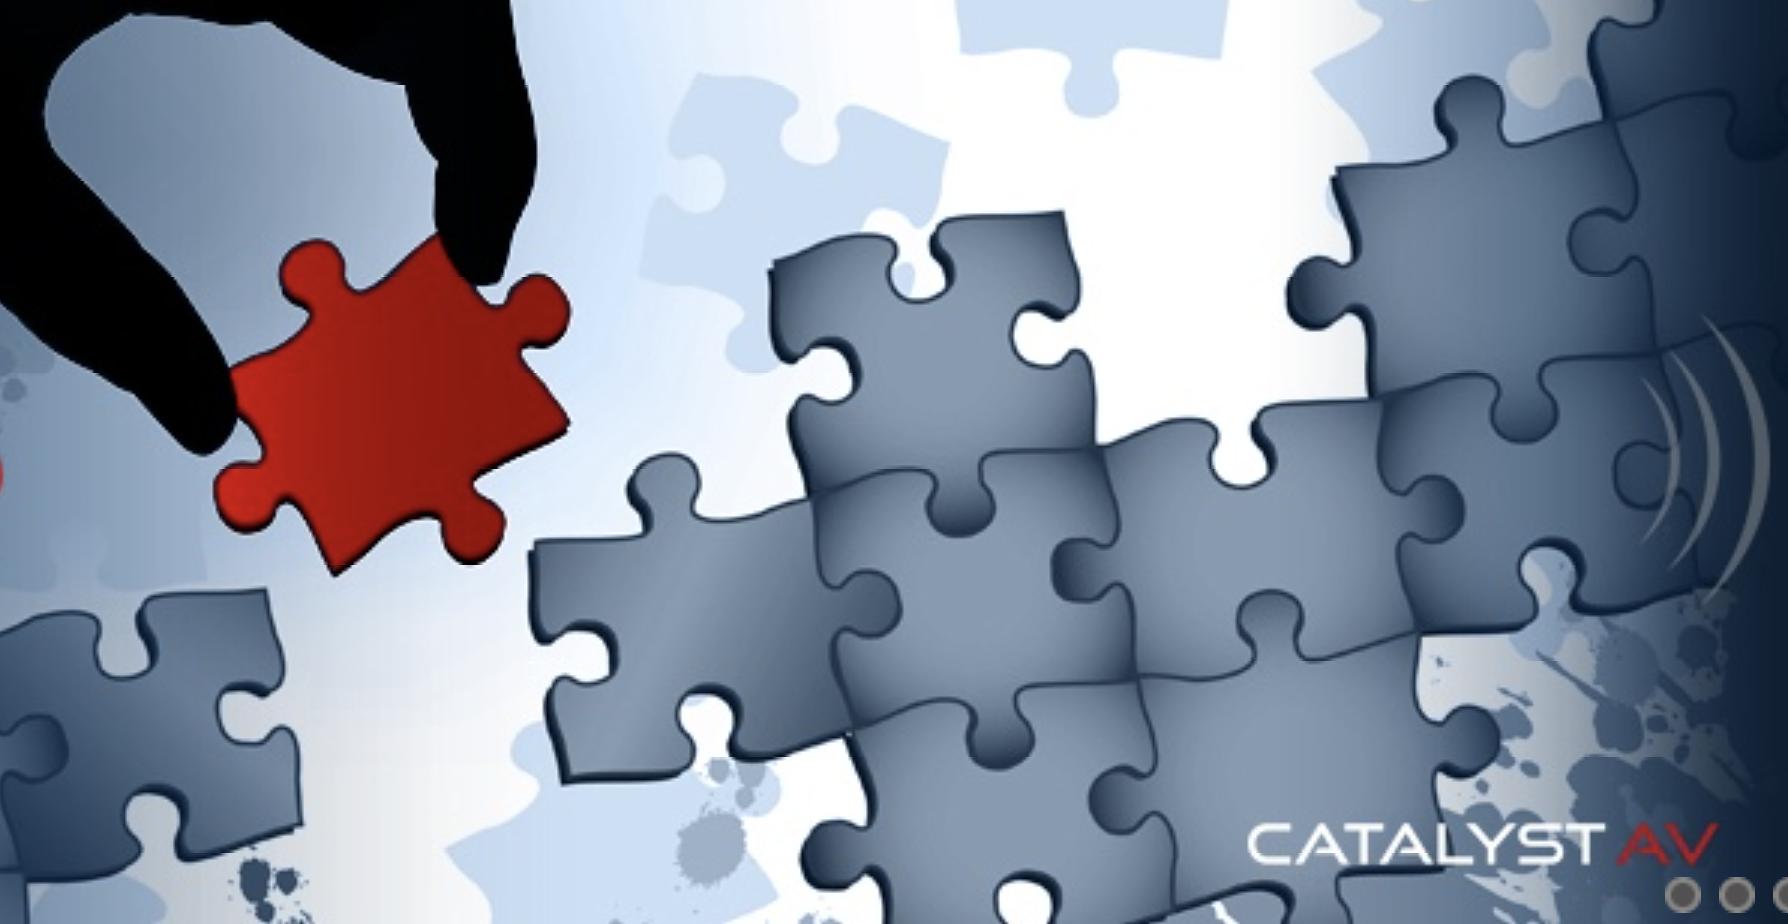 Catalyst AV website